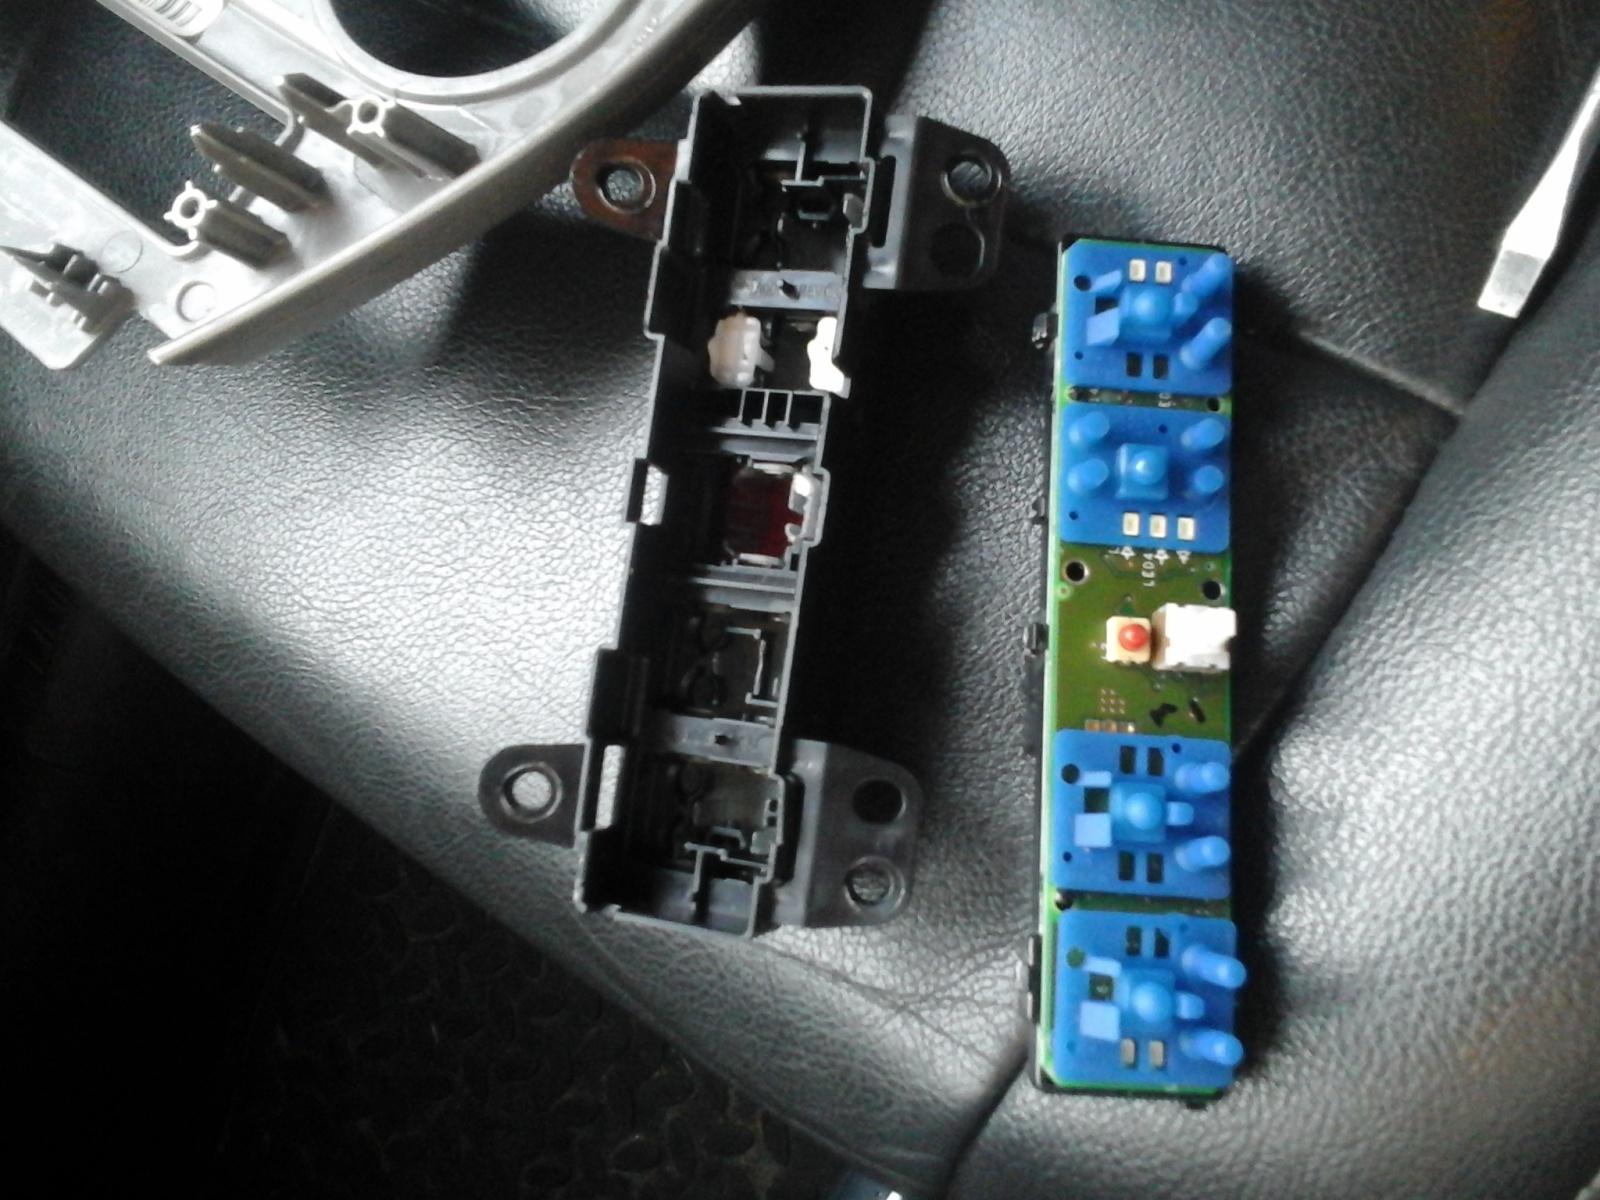 Замена блока кнопок, блока управления кондеем E6ow7r